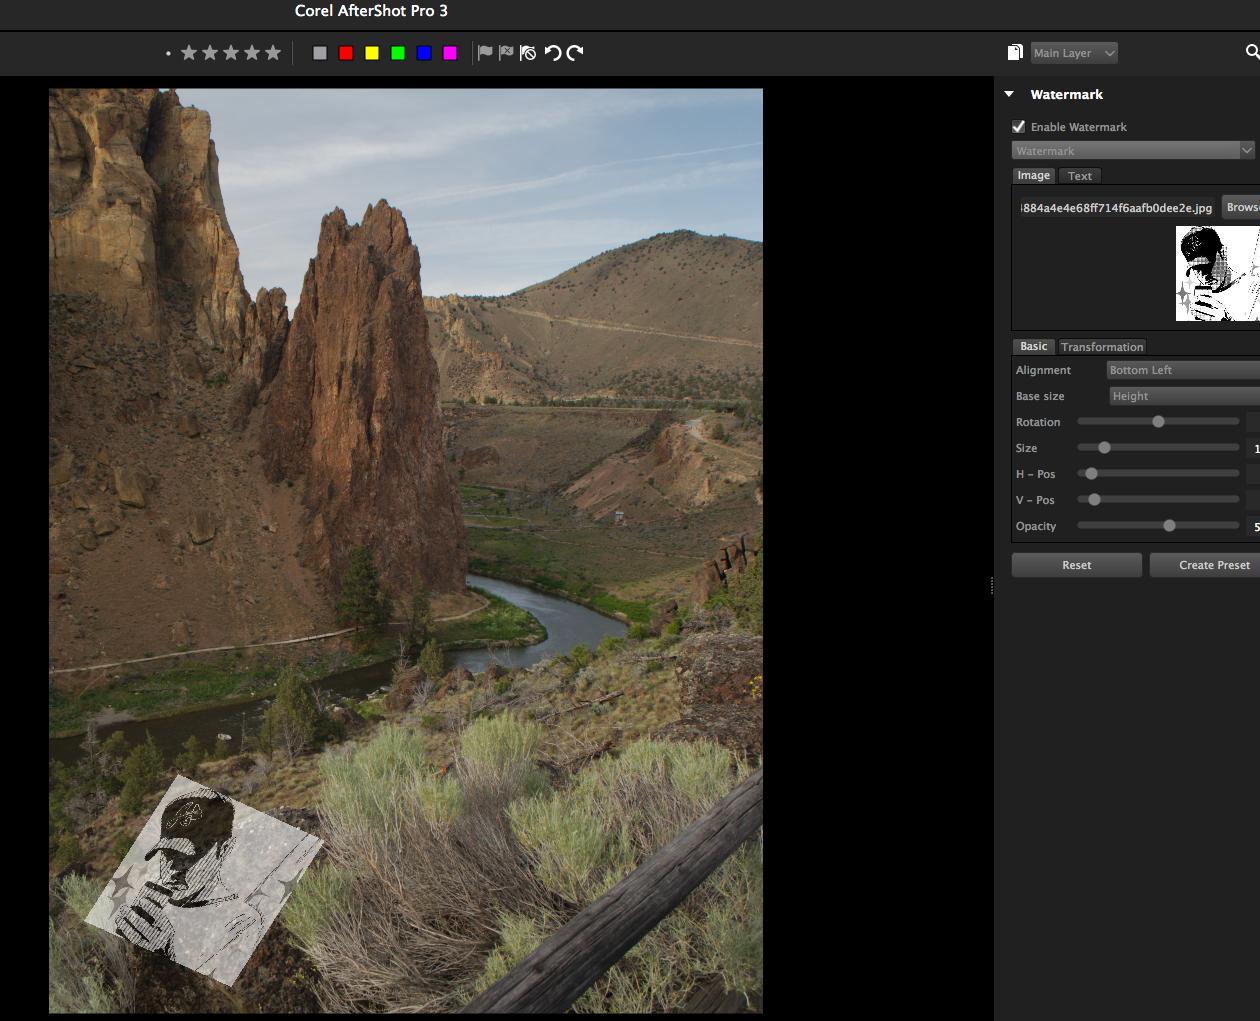 Corel AfterShot Pro 3 – Review - MyMac com